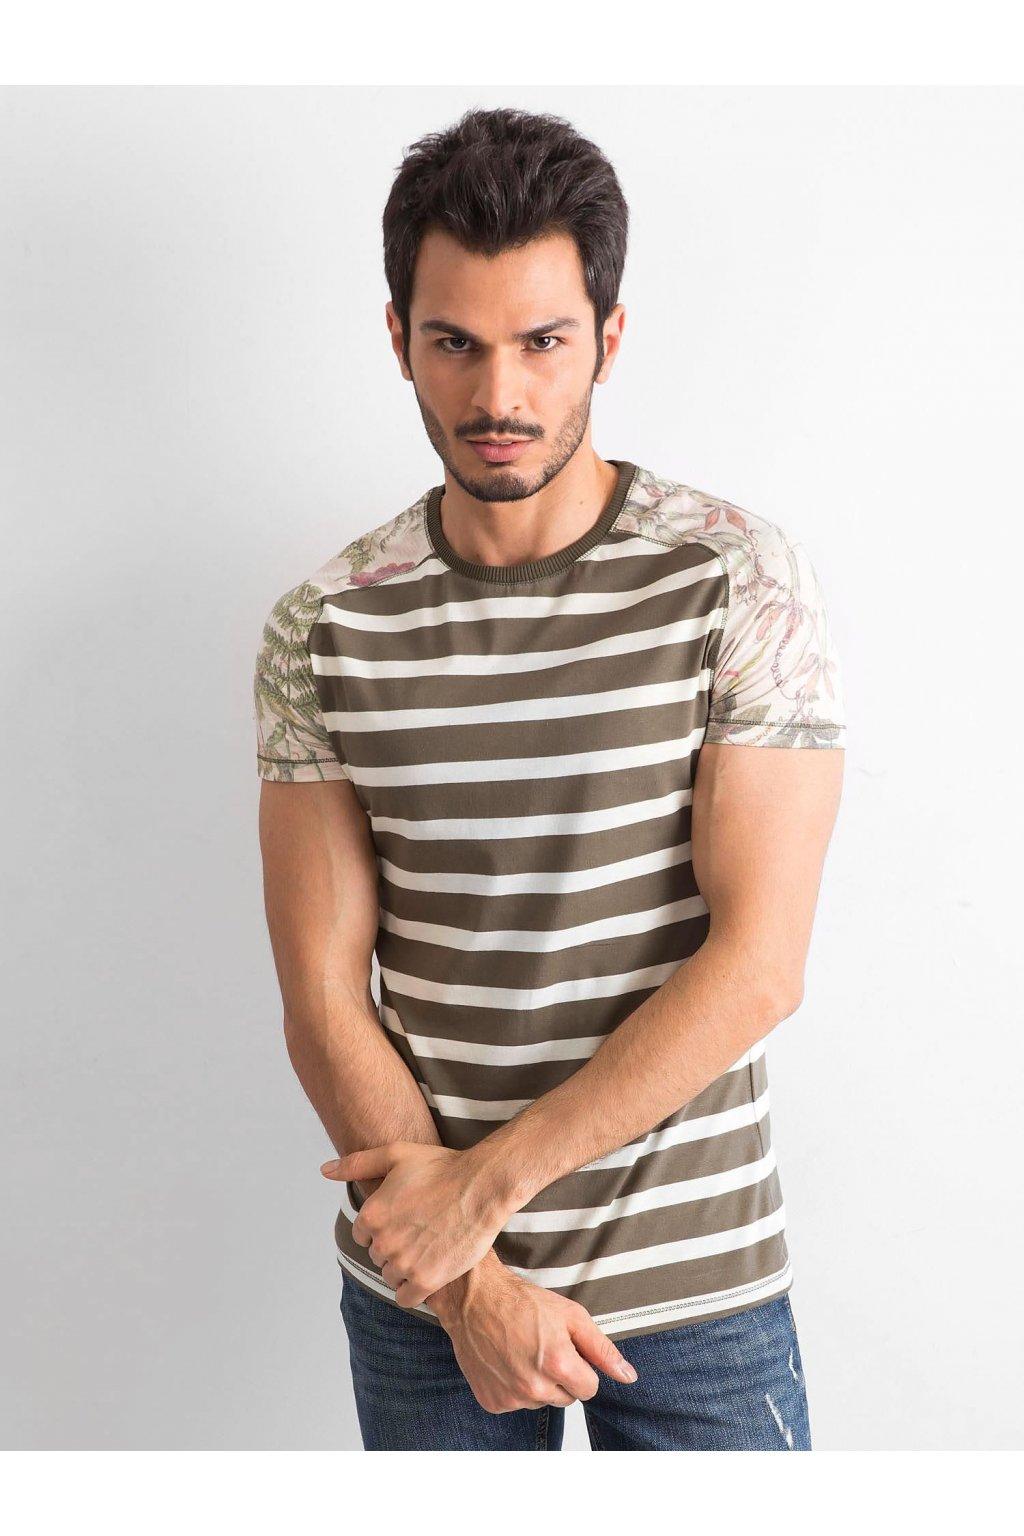 Tričko t-shirt kód M019Y03049253